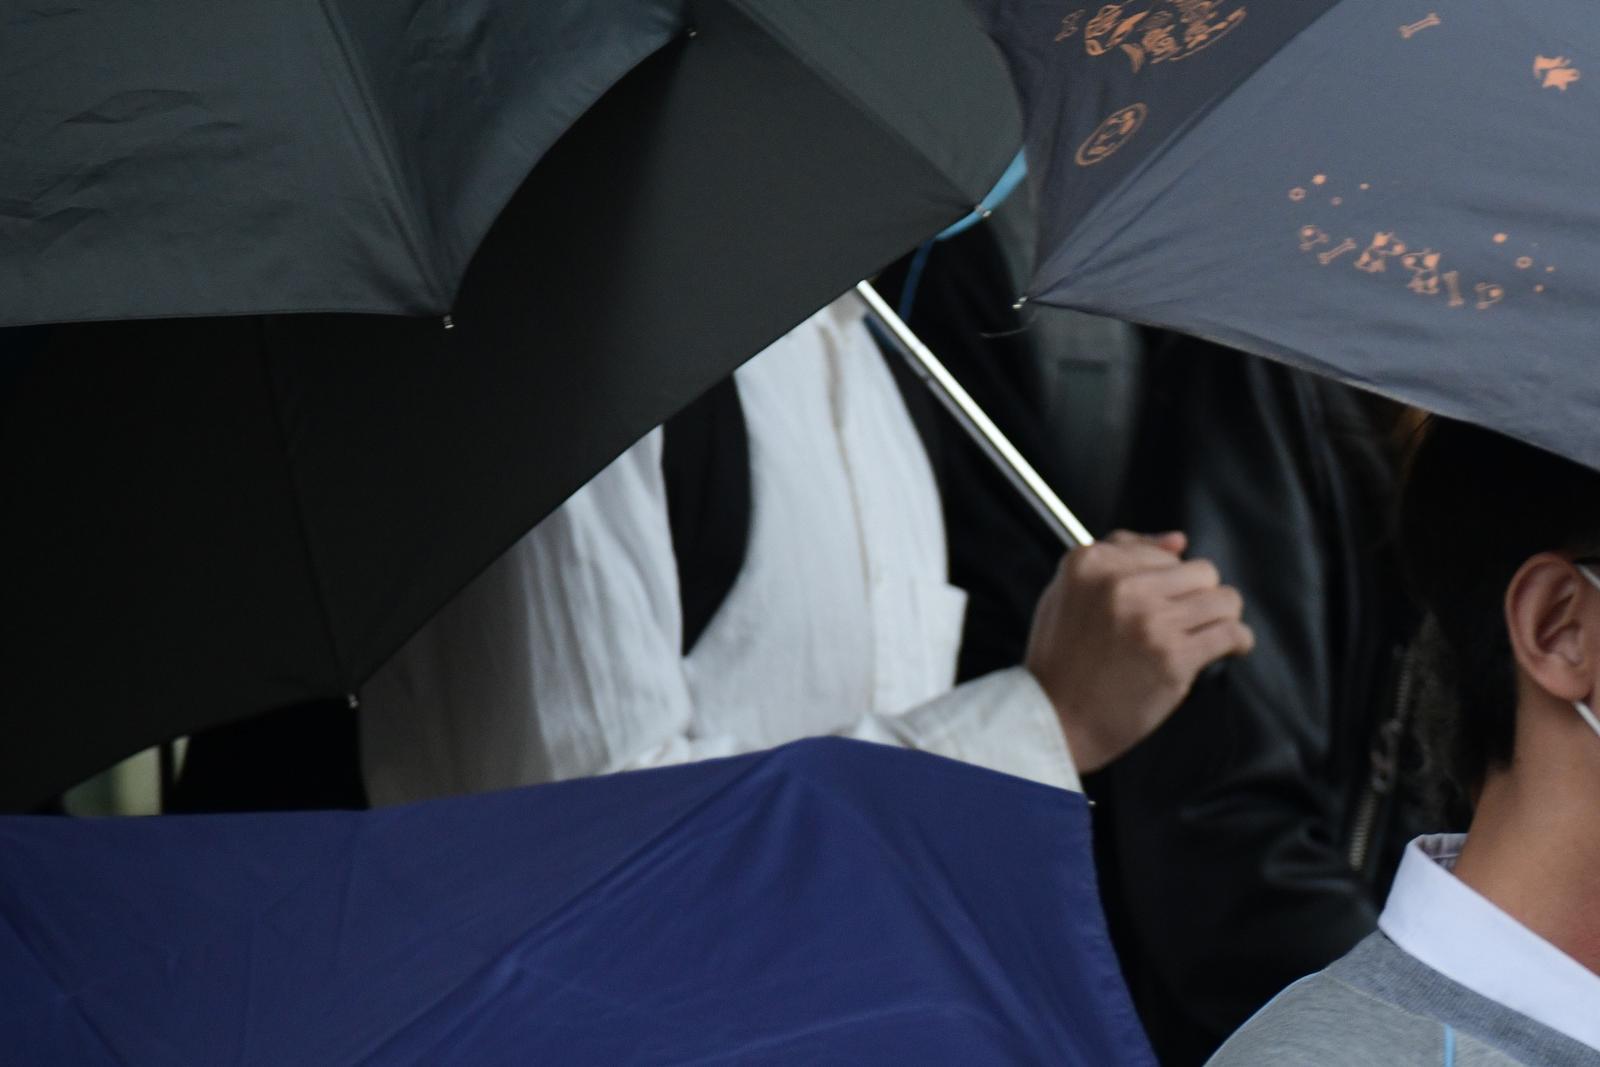 【修例风波】17岁男生涉管有镭射笔易燃液体 押3月待搜证